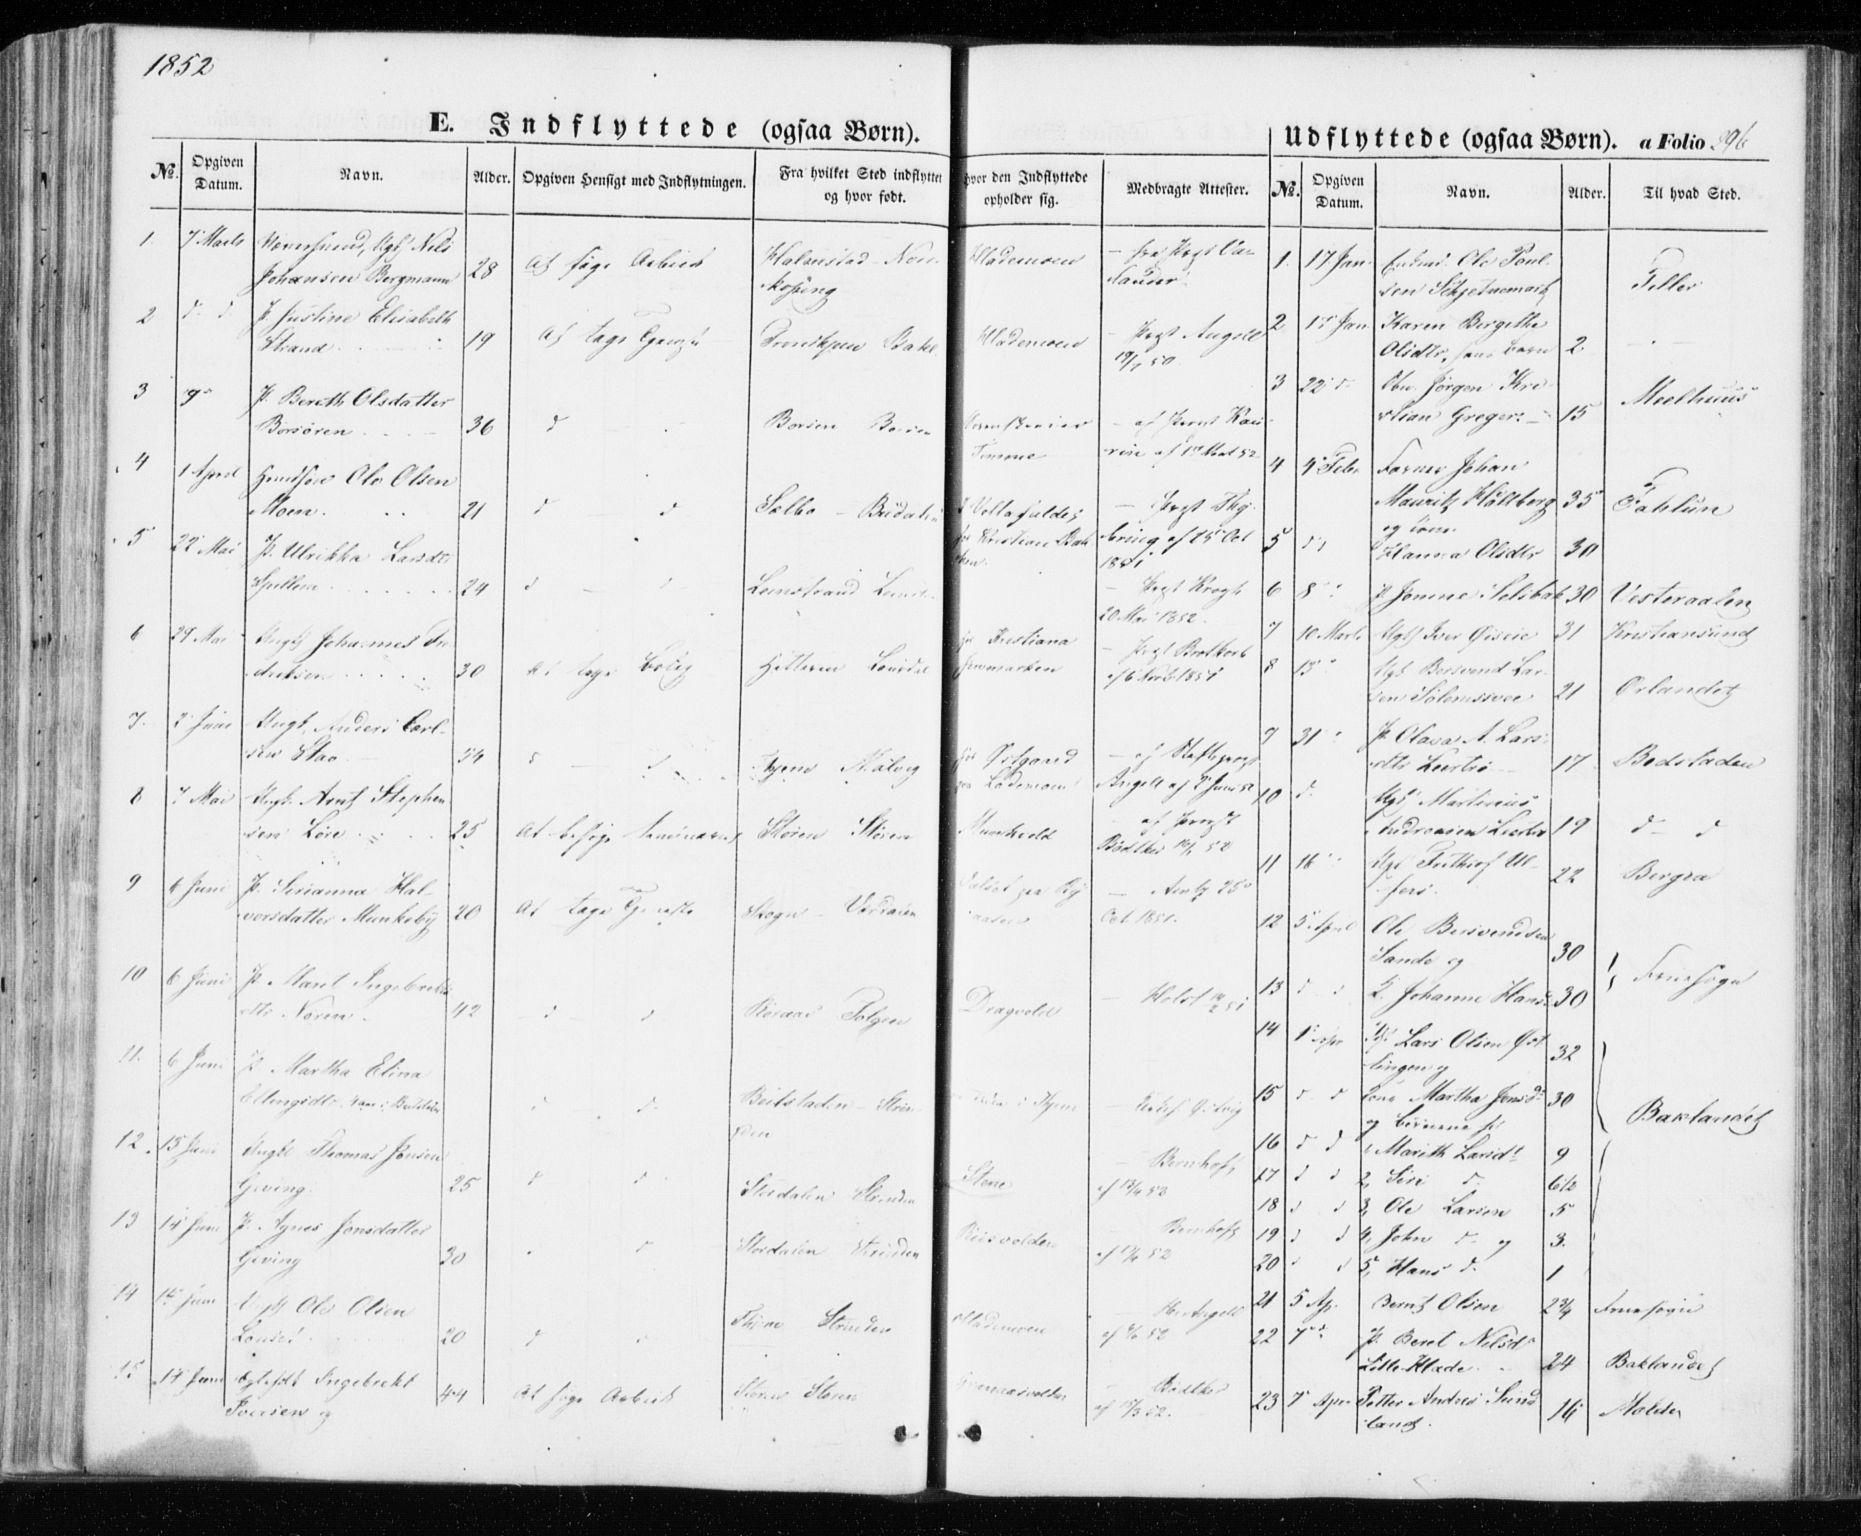 SAT, Ministerialprotokoller, klokkerbøker og fødselsregistre - Sør-Trøndelag, 606/L0291: Ministerialbok nr. 606A06, 1848-1856, s. 296